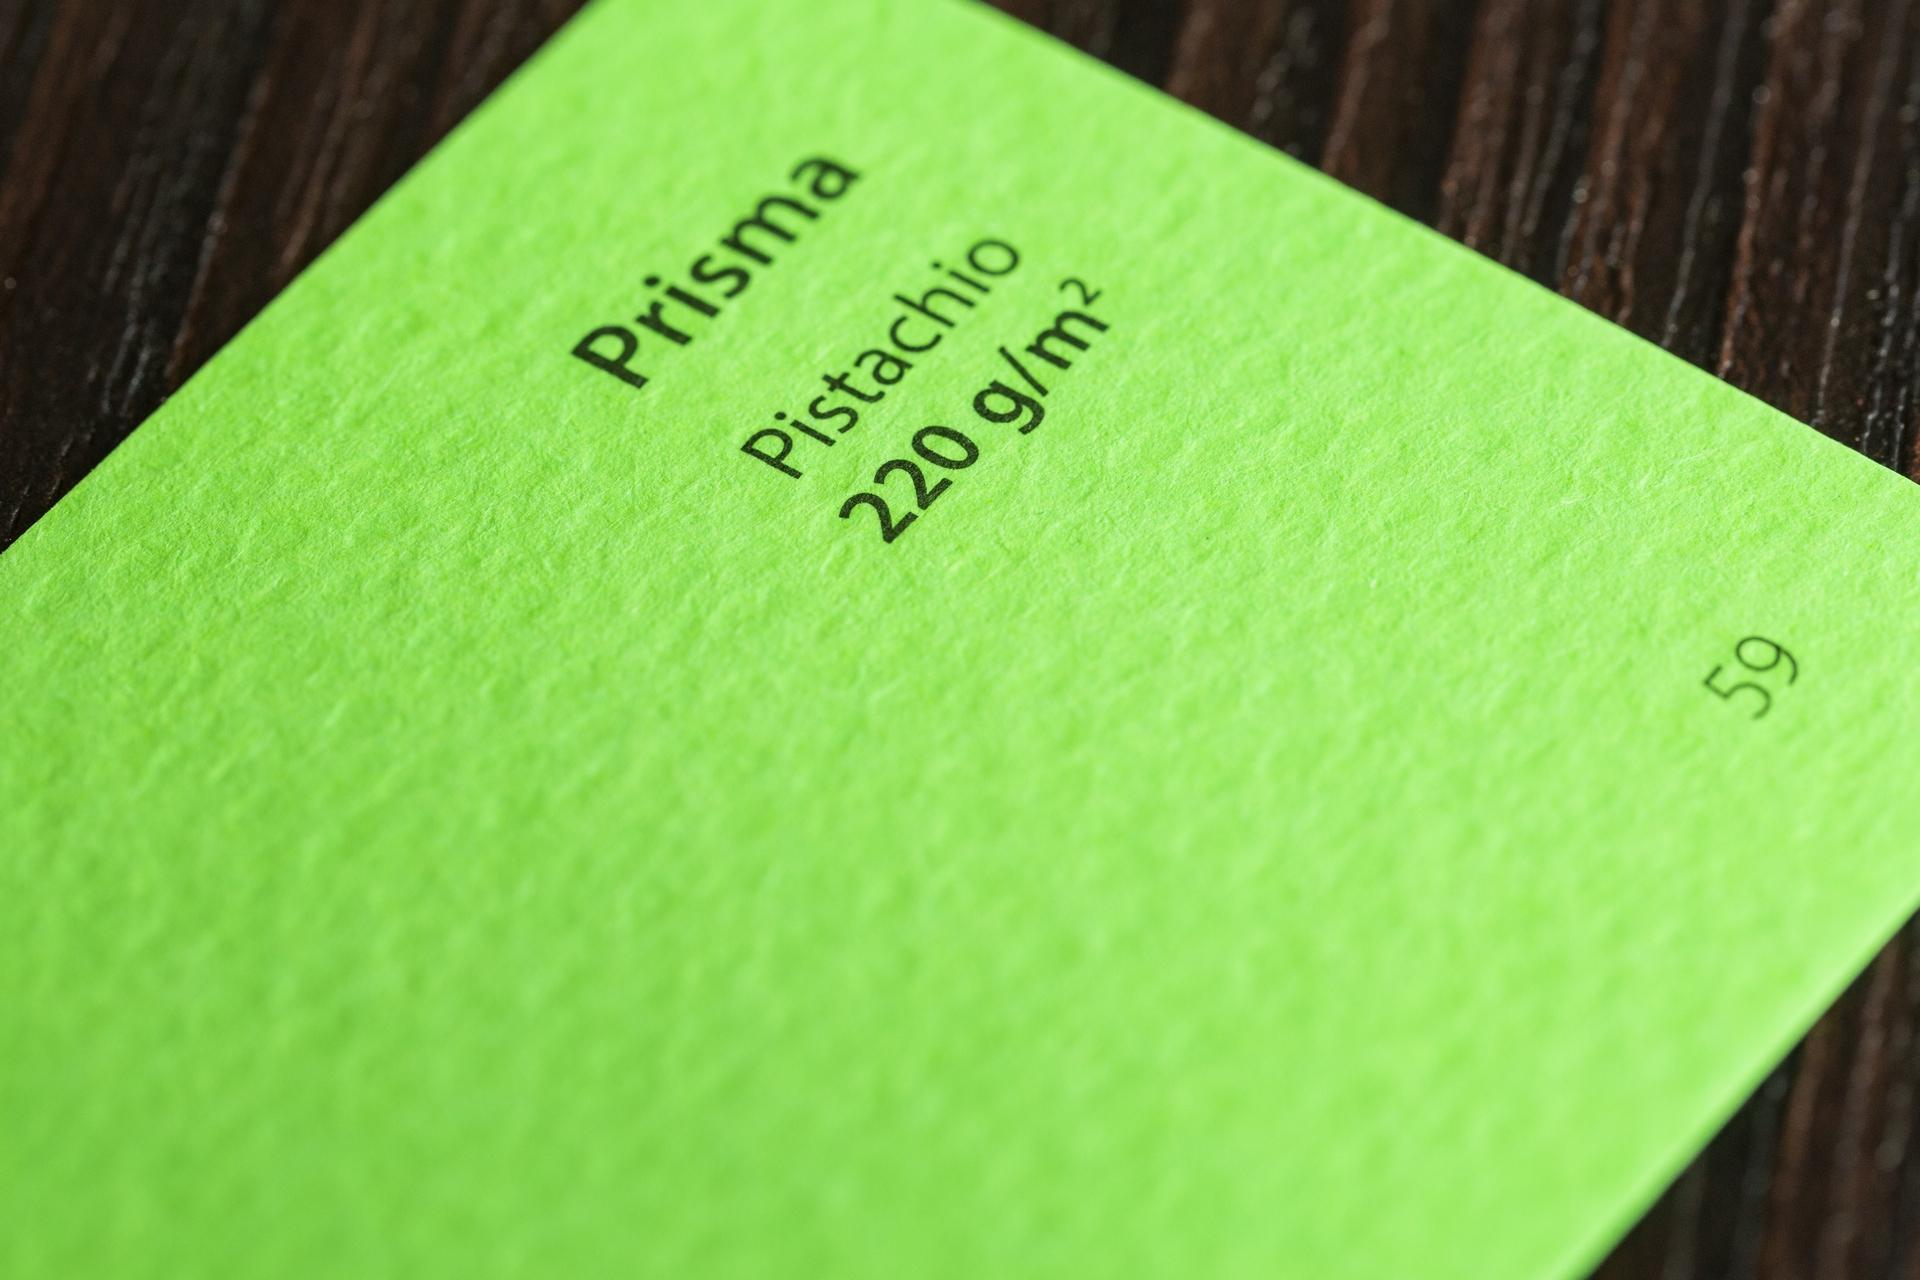 M Prisma Pistacchio